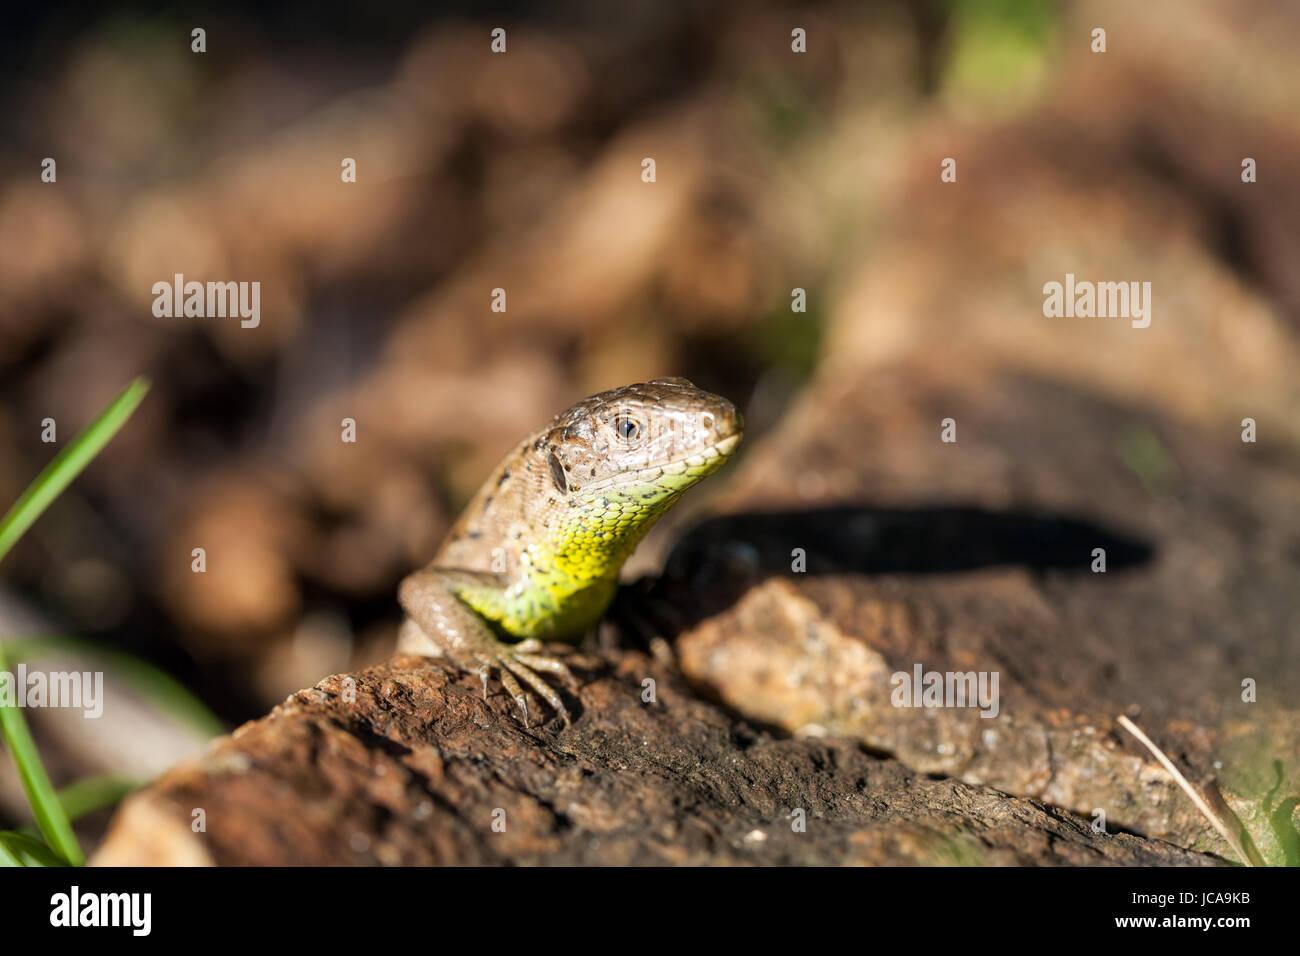 Agile Eidechse in ihrem natürlichen Lebensraum auf dem Boden zwischen welken Blättern an einem warmen sonnigen Tag Stock Photo